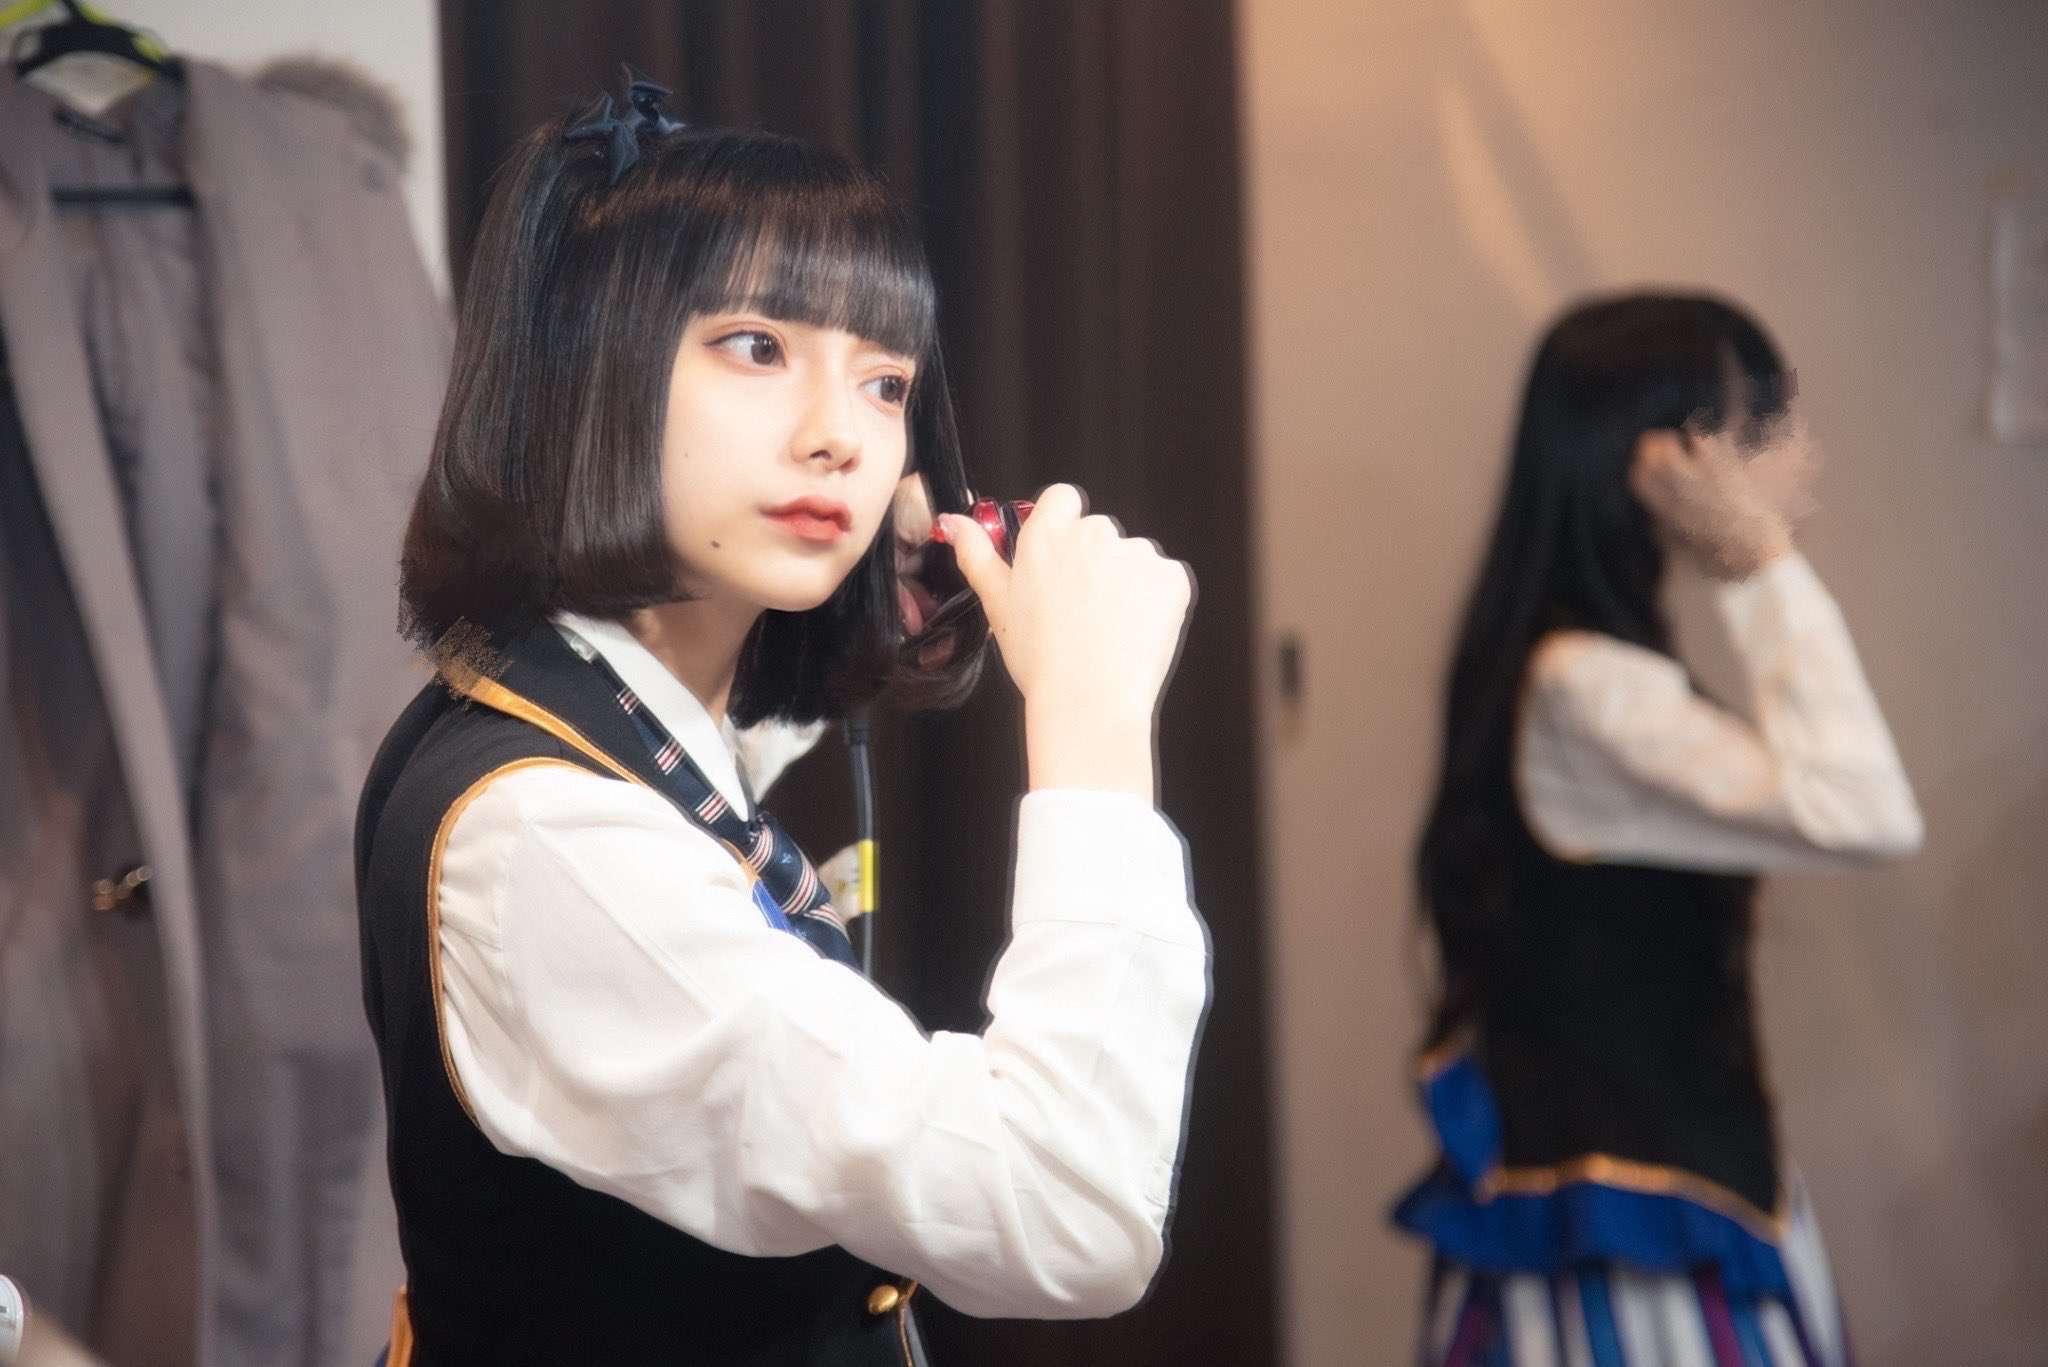 日本少女偶像《天使もも》写真「死库水」